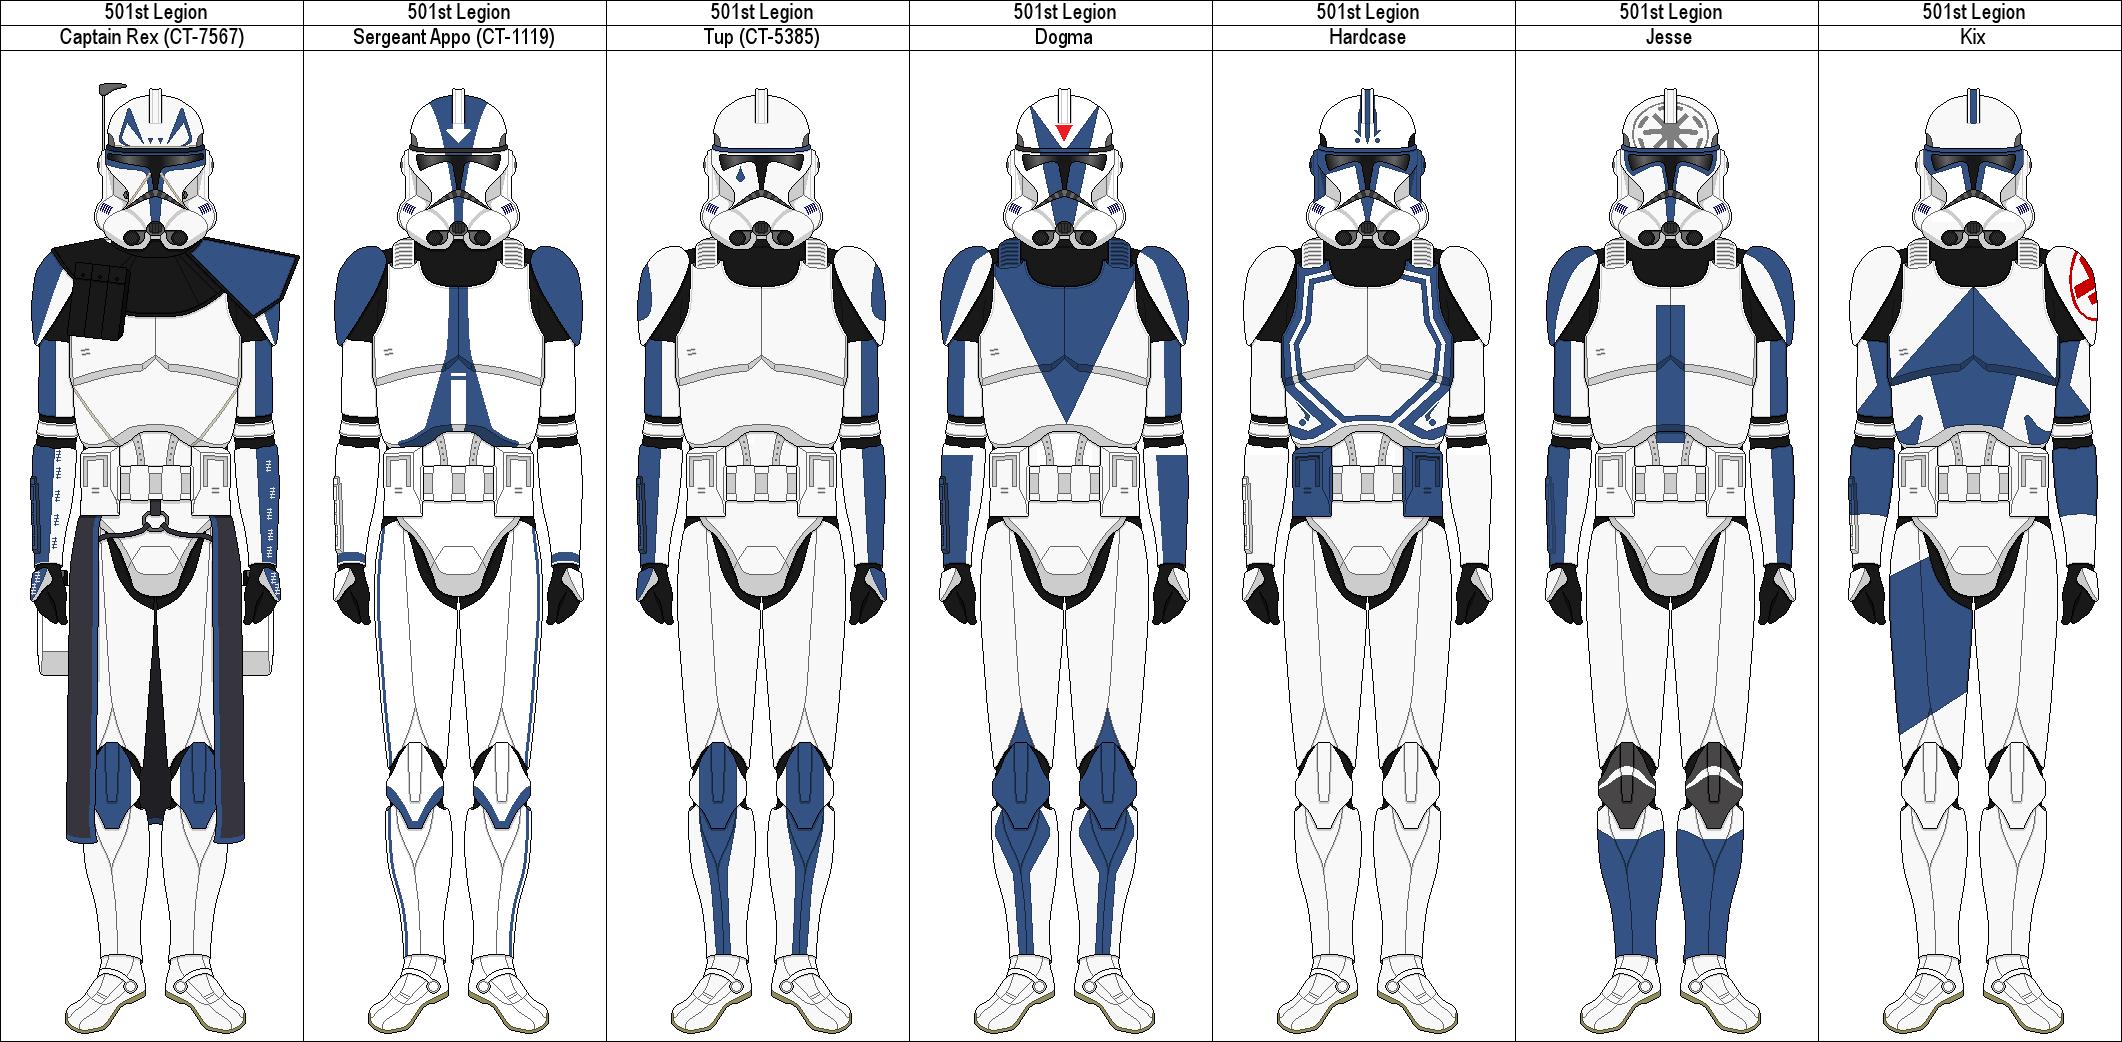 501st Clone Trooper Wallpaper Clone Wars 501st Legion Members 2122x1042 Wallpaper Teahub Io